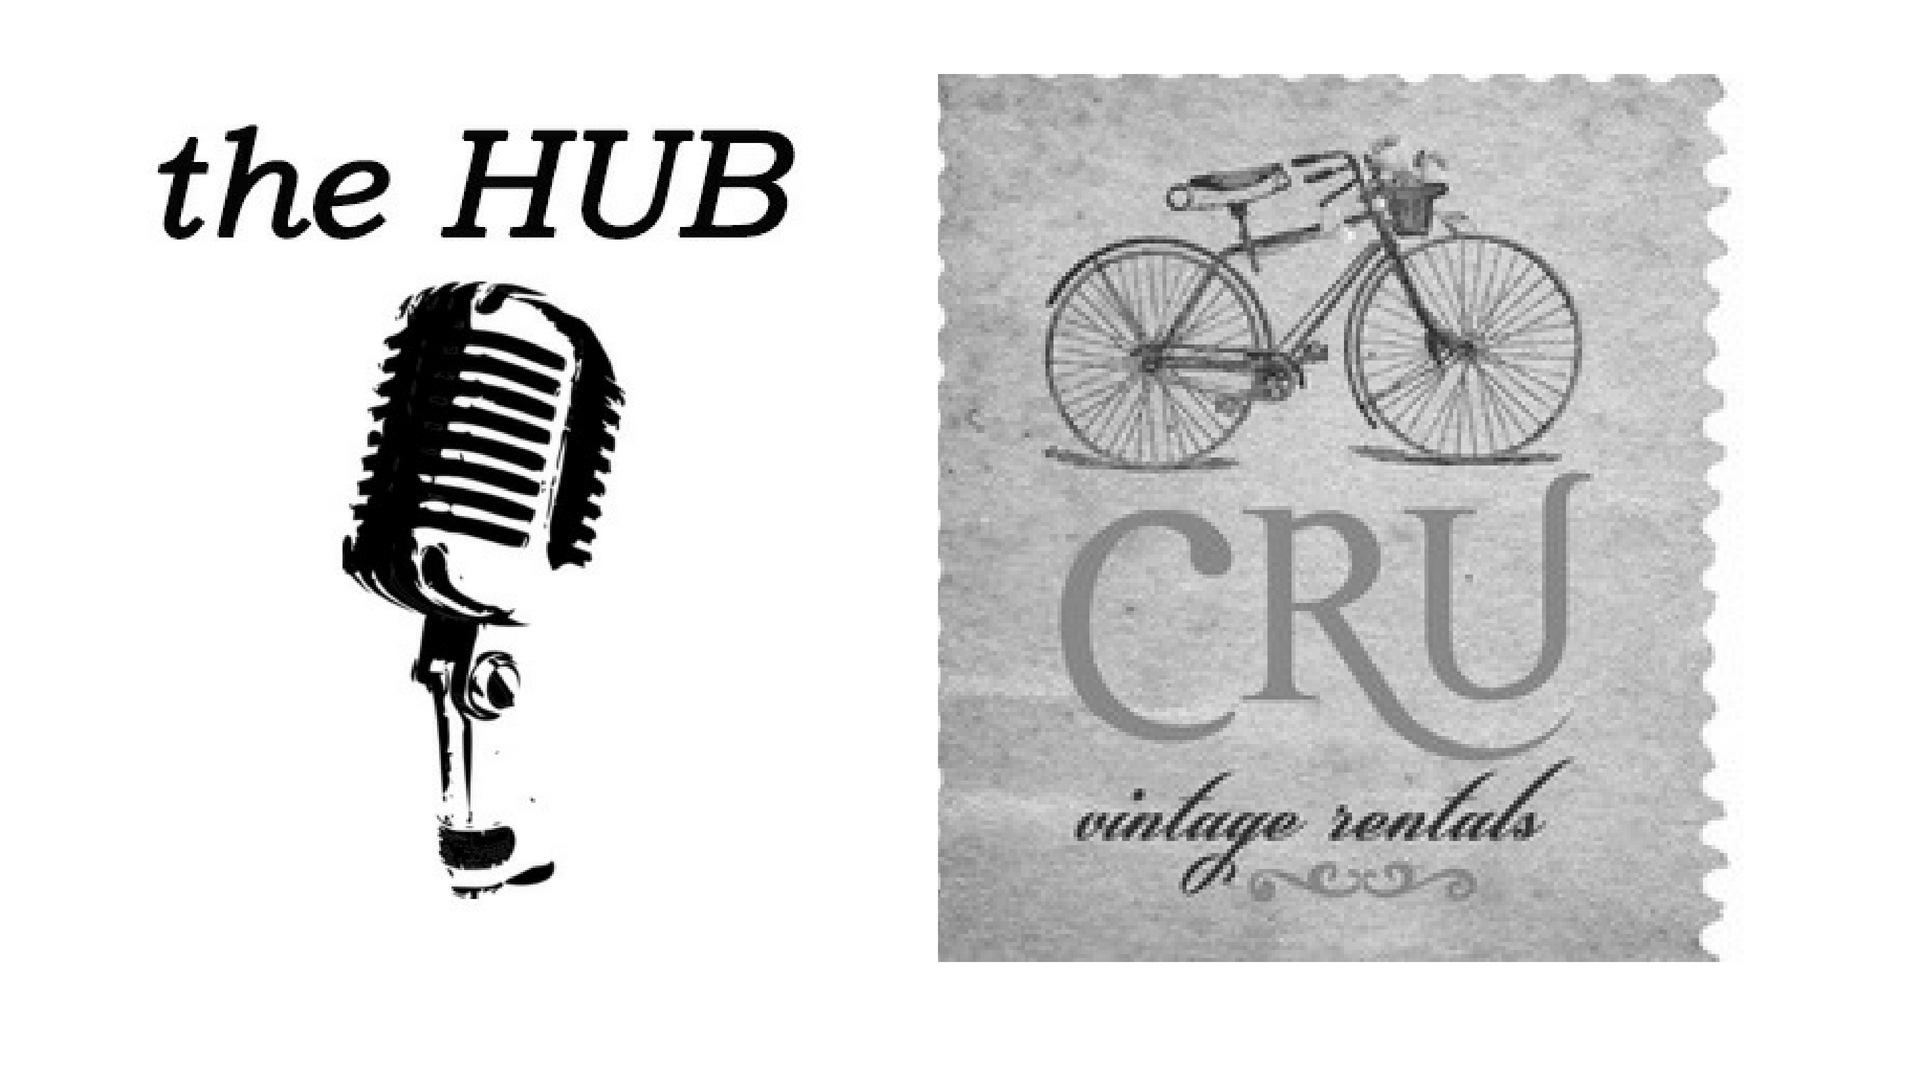 Laurie Love – Cru Vintage Rentals